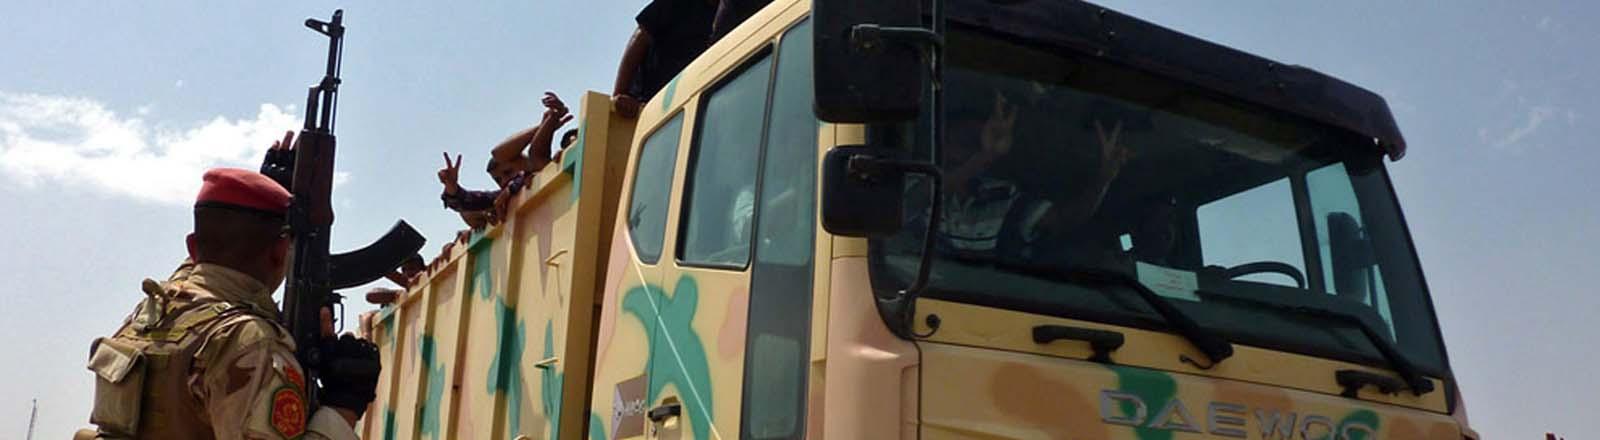 Ein Militärtransporter im Muthanna-Stützpunkt in Bagdad, Irak